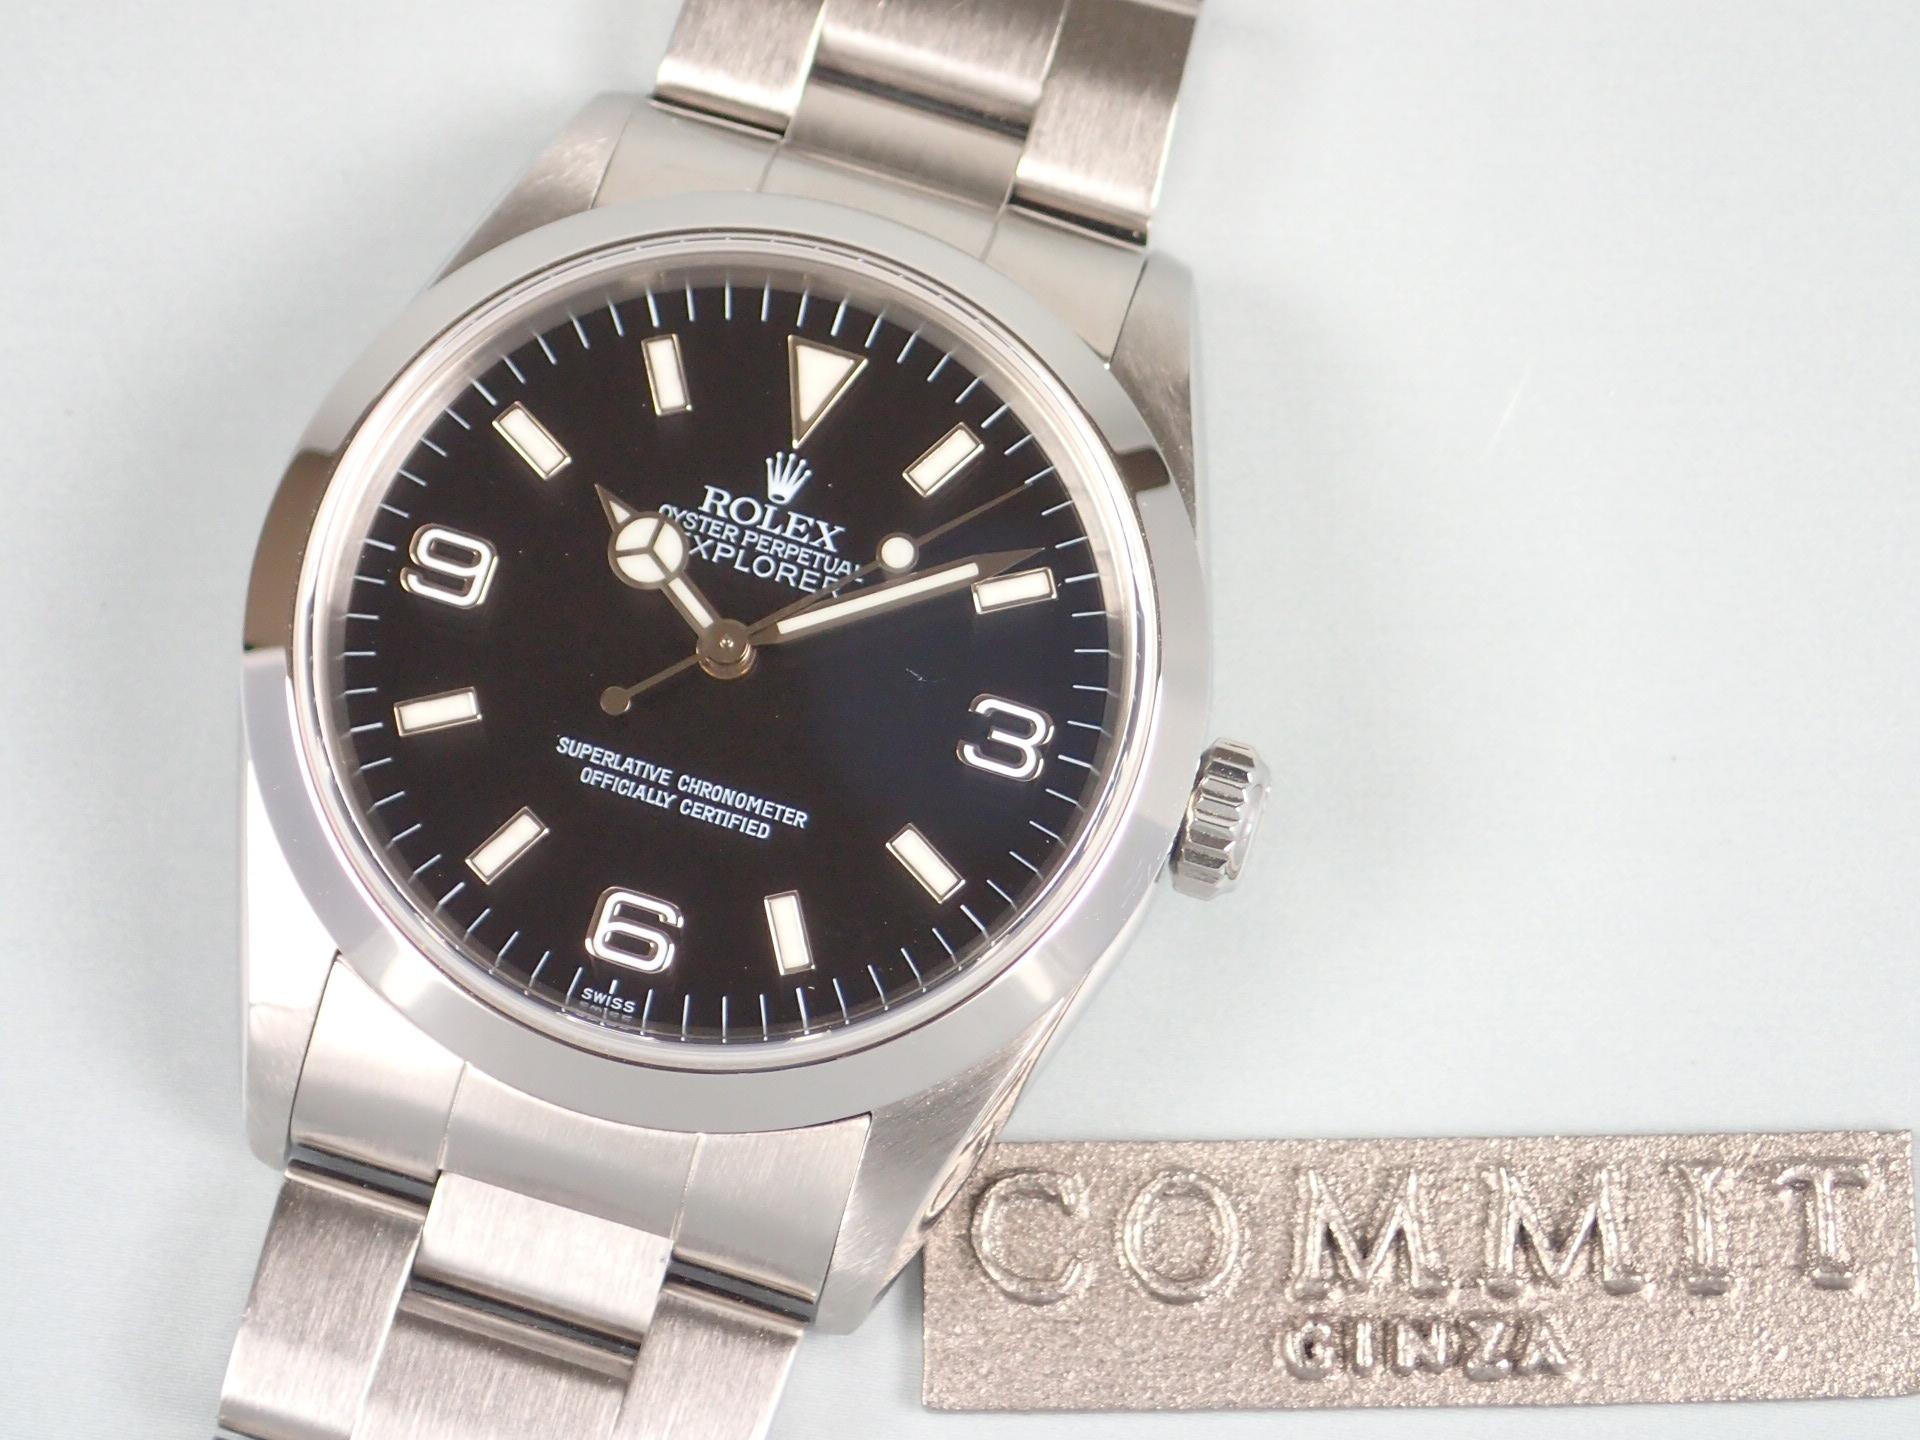 promo code 18c93 2d987 ロレックス エクスプローラーⅠ A番   コミット銀座